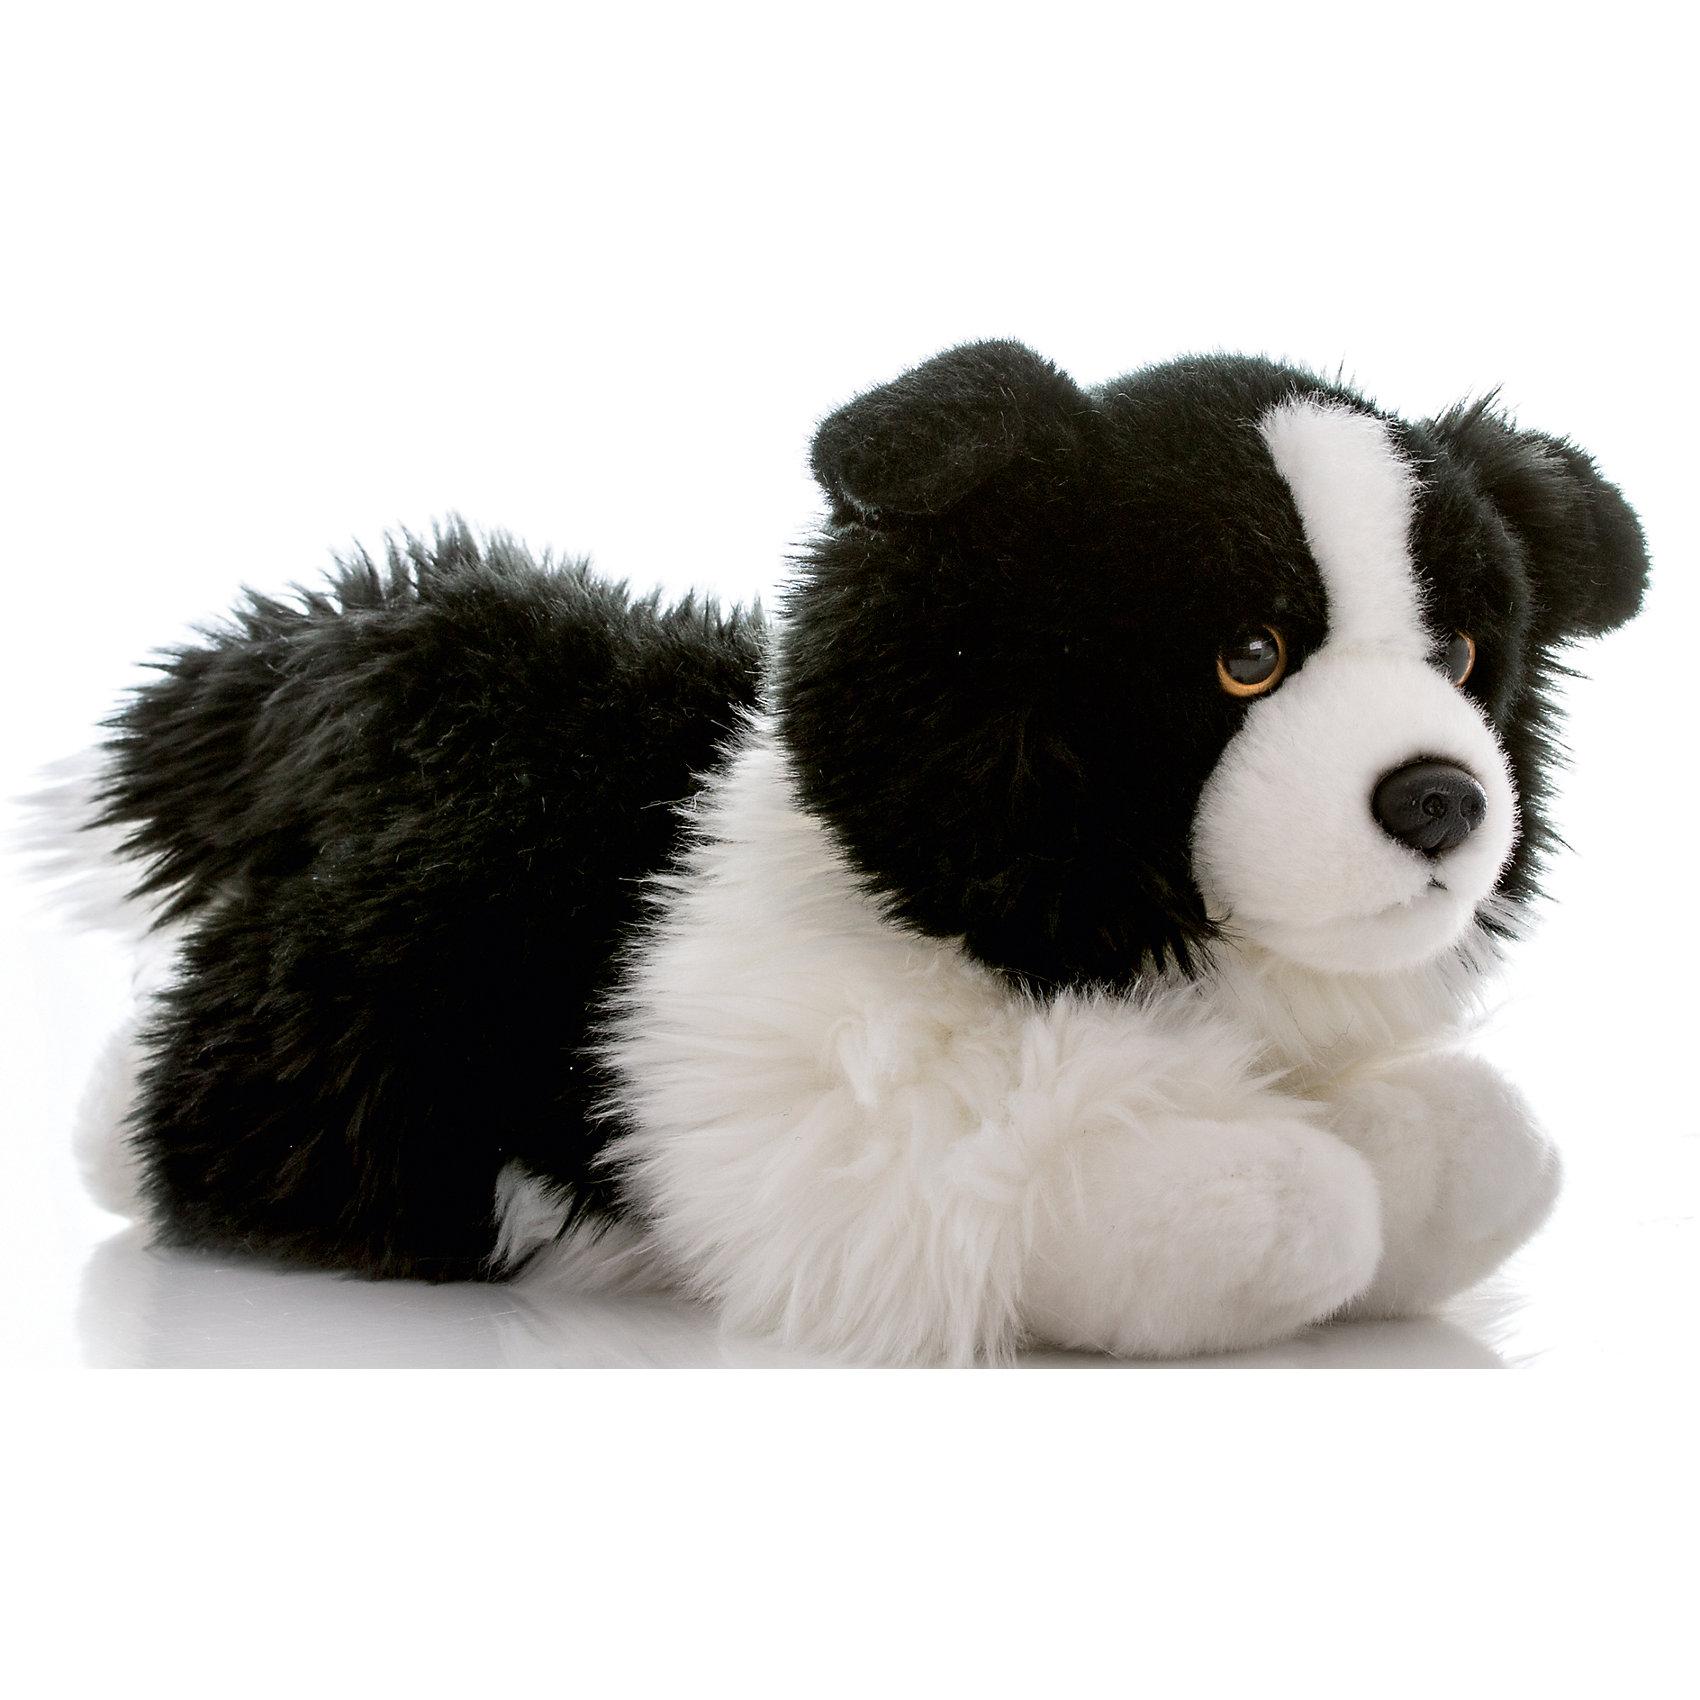 Мягкая игрушка Бордер-колли, 28 см, AURORAКошки и собаки<br>Красивый щенок с мягкой черно-белой шерсткой будет прекрасным подарком для Вашего ребенка!<br><br>Дополнительная информация:<br><br>- Возраст: от 3 лет.<br>- Материал: плюш, синтепон.<br>- Высота игрушки: 28 см.<br><br>Купить мягкую игрушку Бордер-колли можно в нашем магазине.<br><br>Ширина мм: 140<br>Глубина мм: 260<br>Высота мм: 140<br>Вес г: 254<br>Возраст от месяцев: 36<br>Возраст до месяцев: 120<br>Пол: Унисекс<br>Возраст: Детский<br>SKU: 4929041